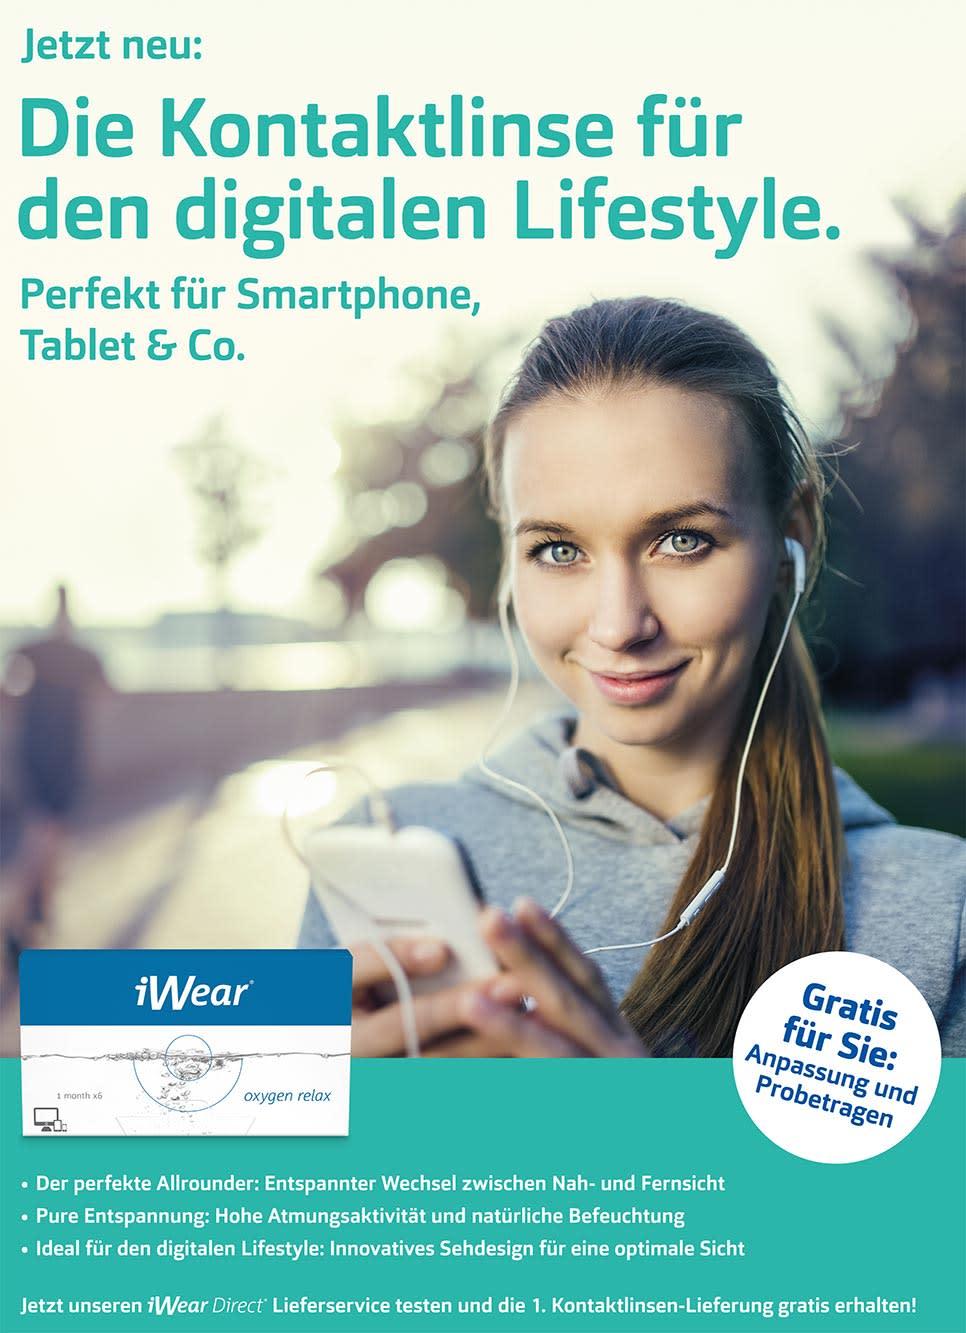 iWear Oxygen Relax: Die Kontaktlinse für den digitalen Lifestyle